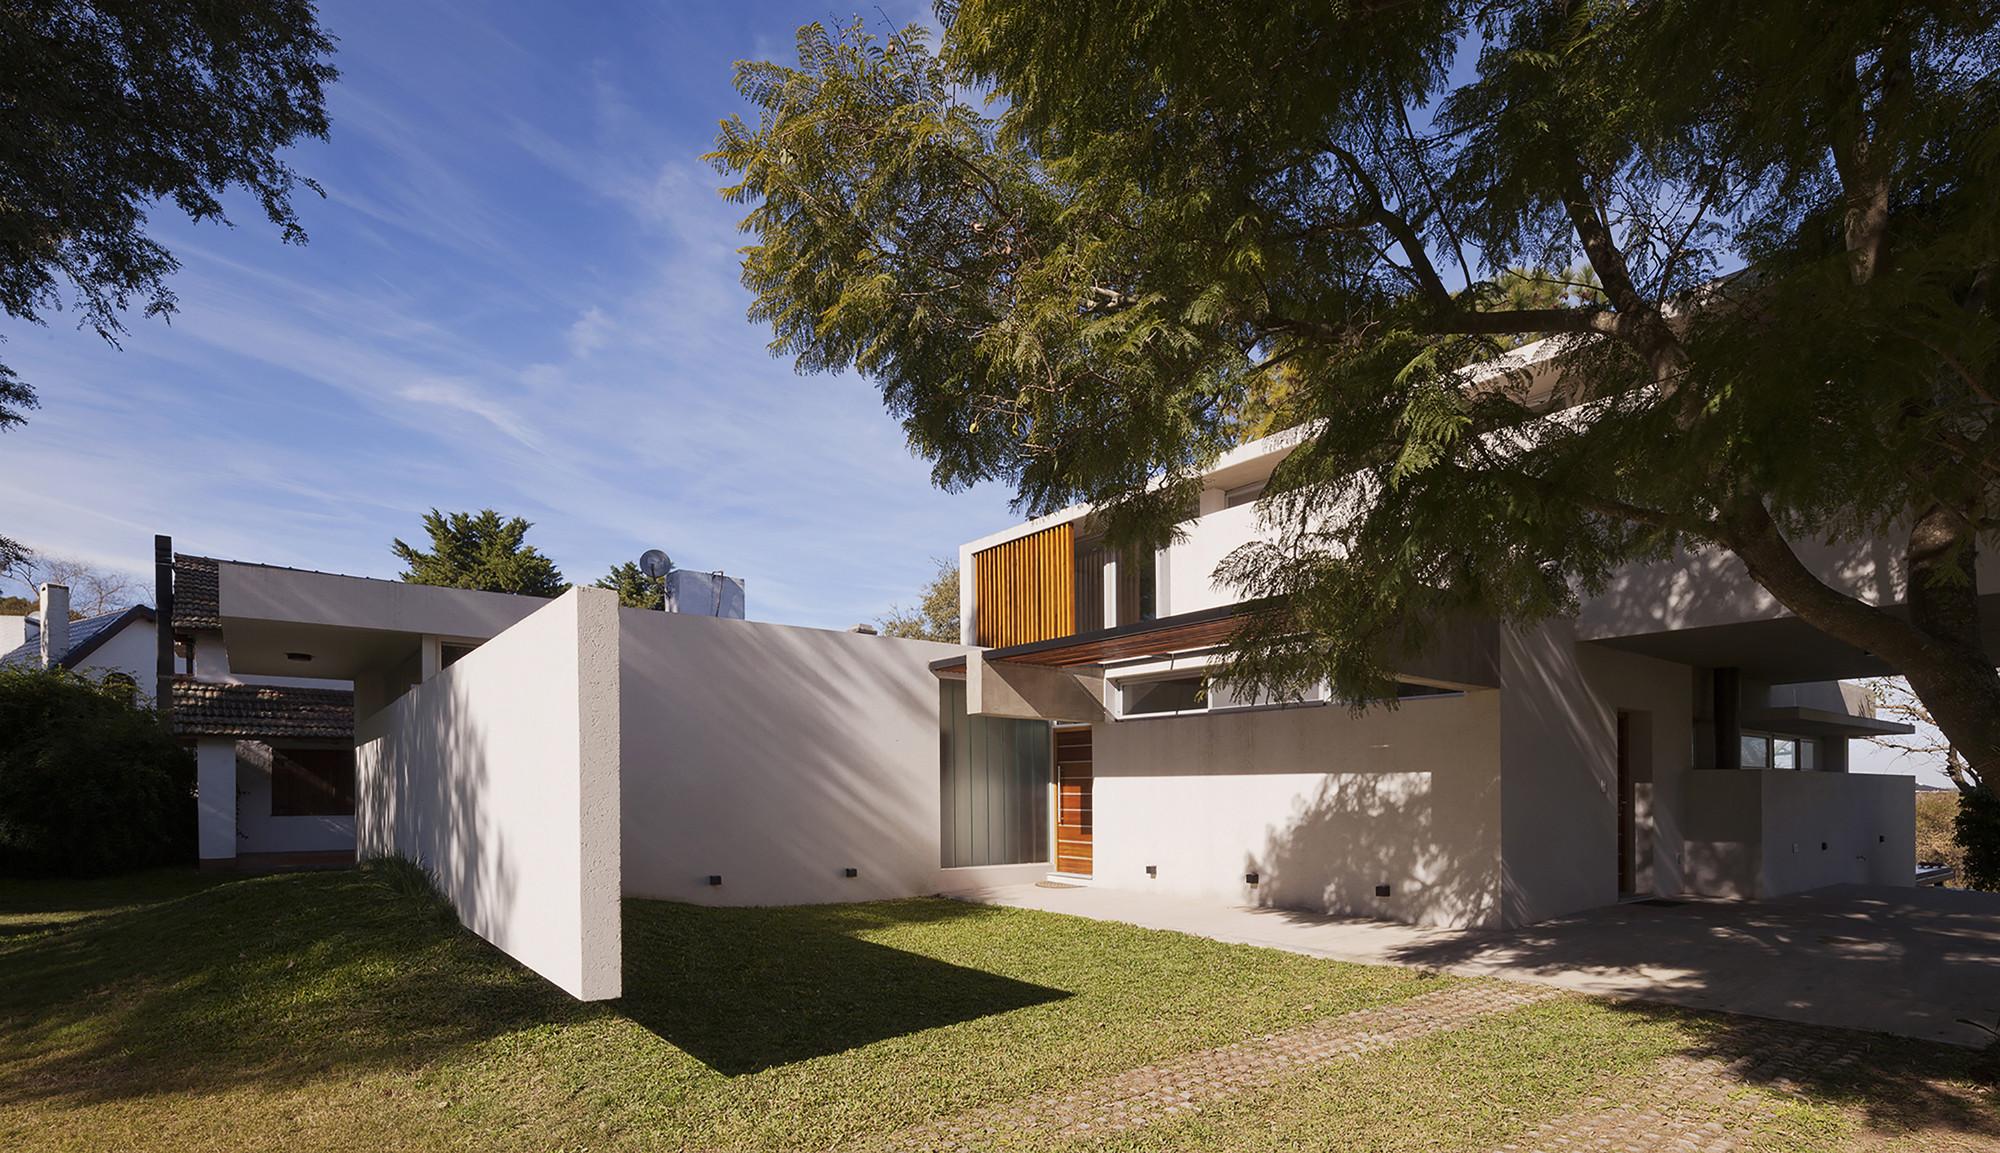 Lottersberger house estudio irigoyen navarro - Estudio 3 arquitectos ...